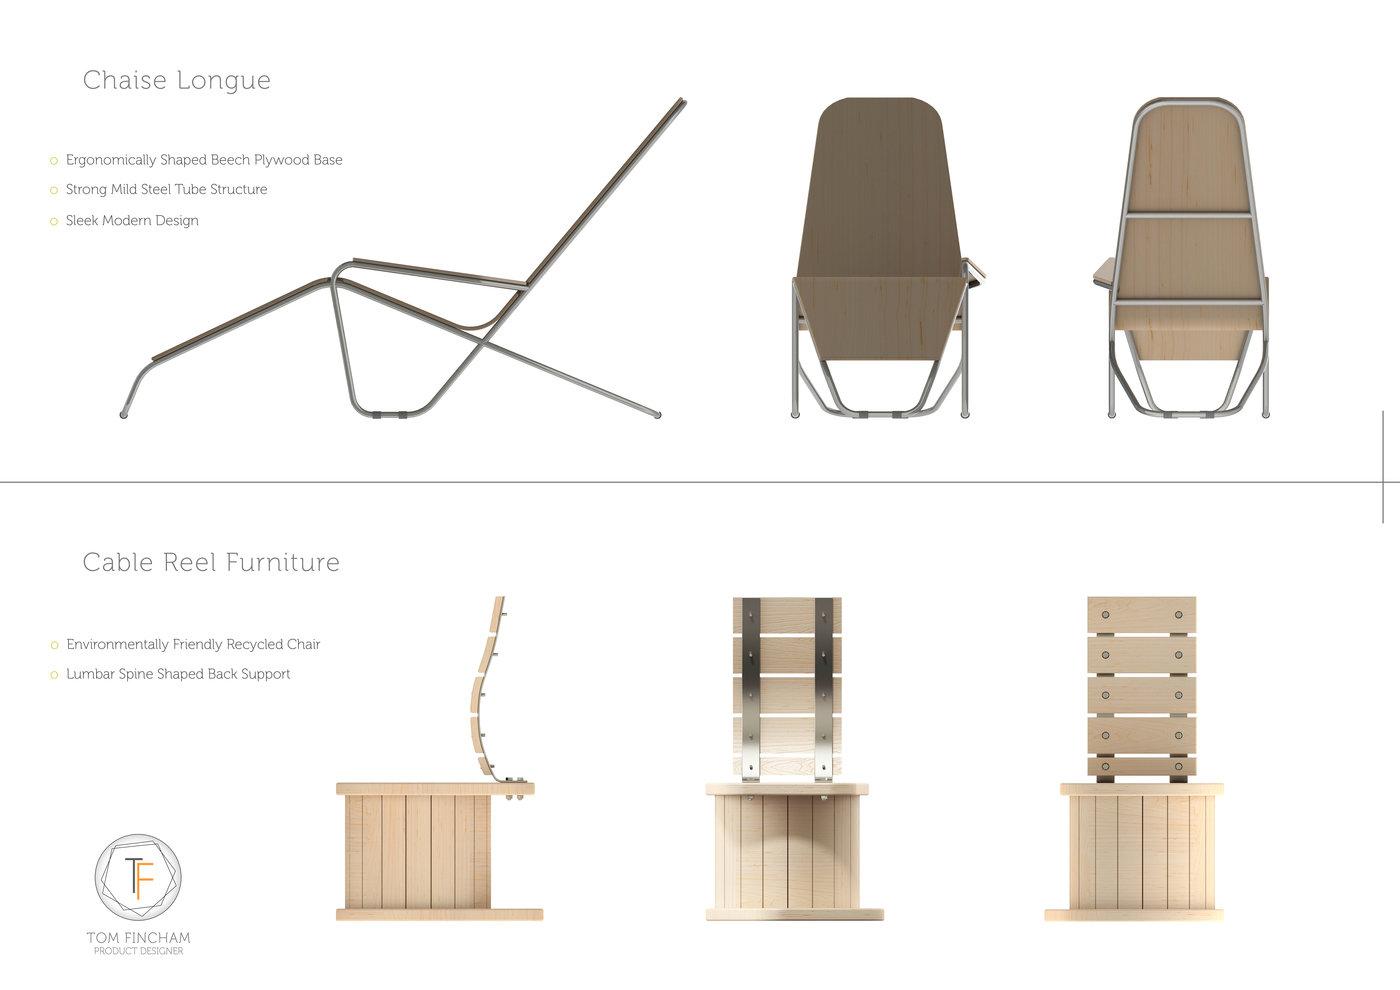 Furniture Design Solidworks CAD. Furniture Design by Tom Fincham at Coroflot com